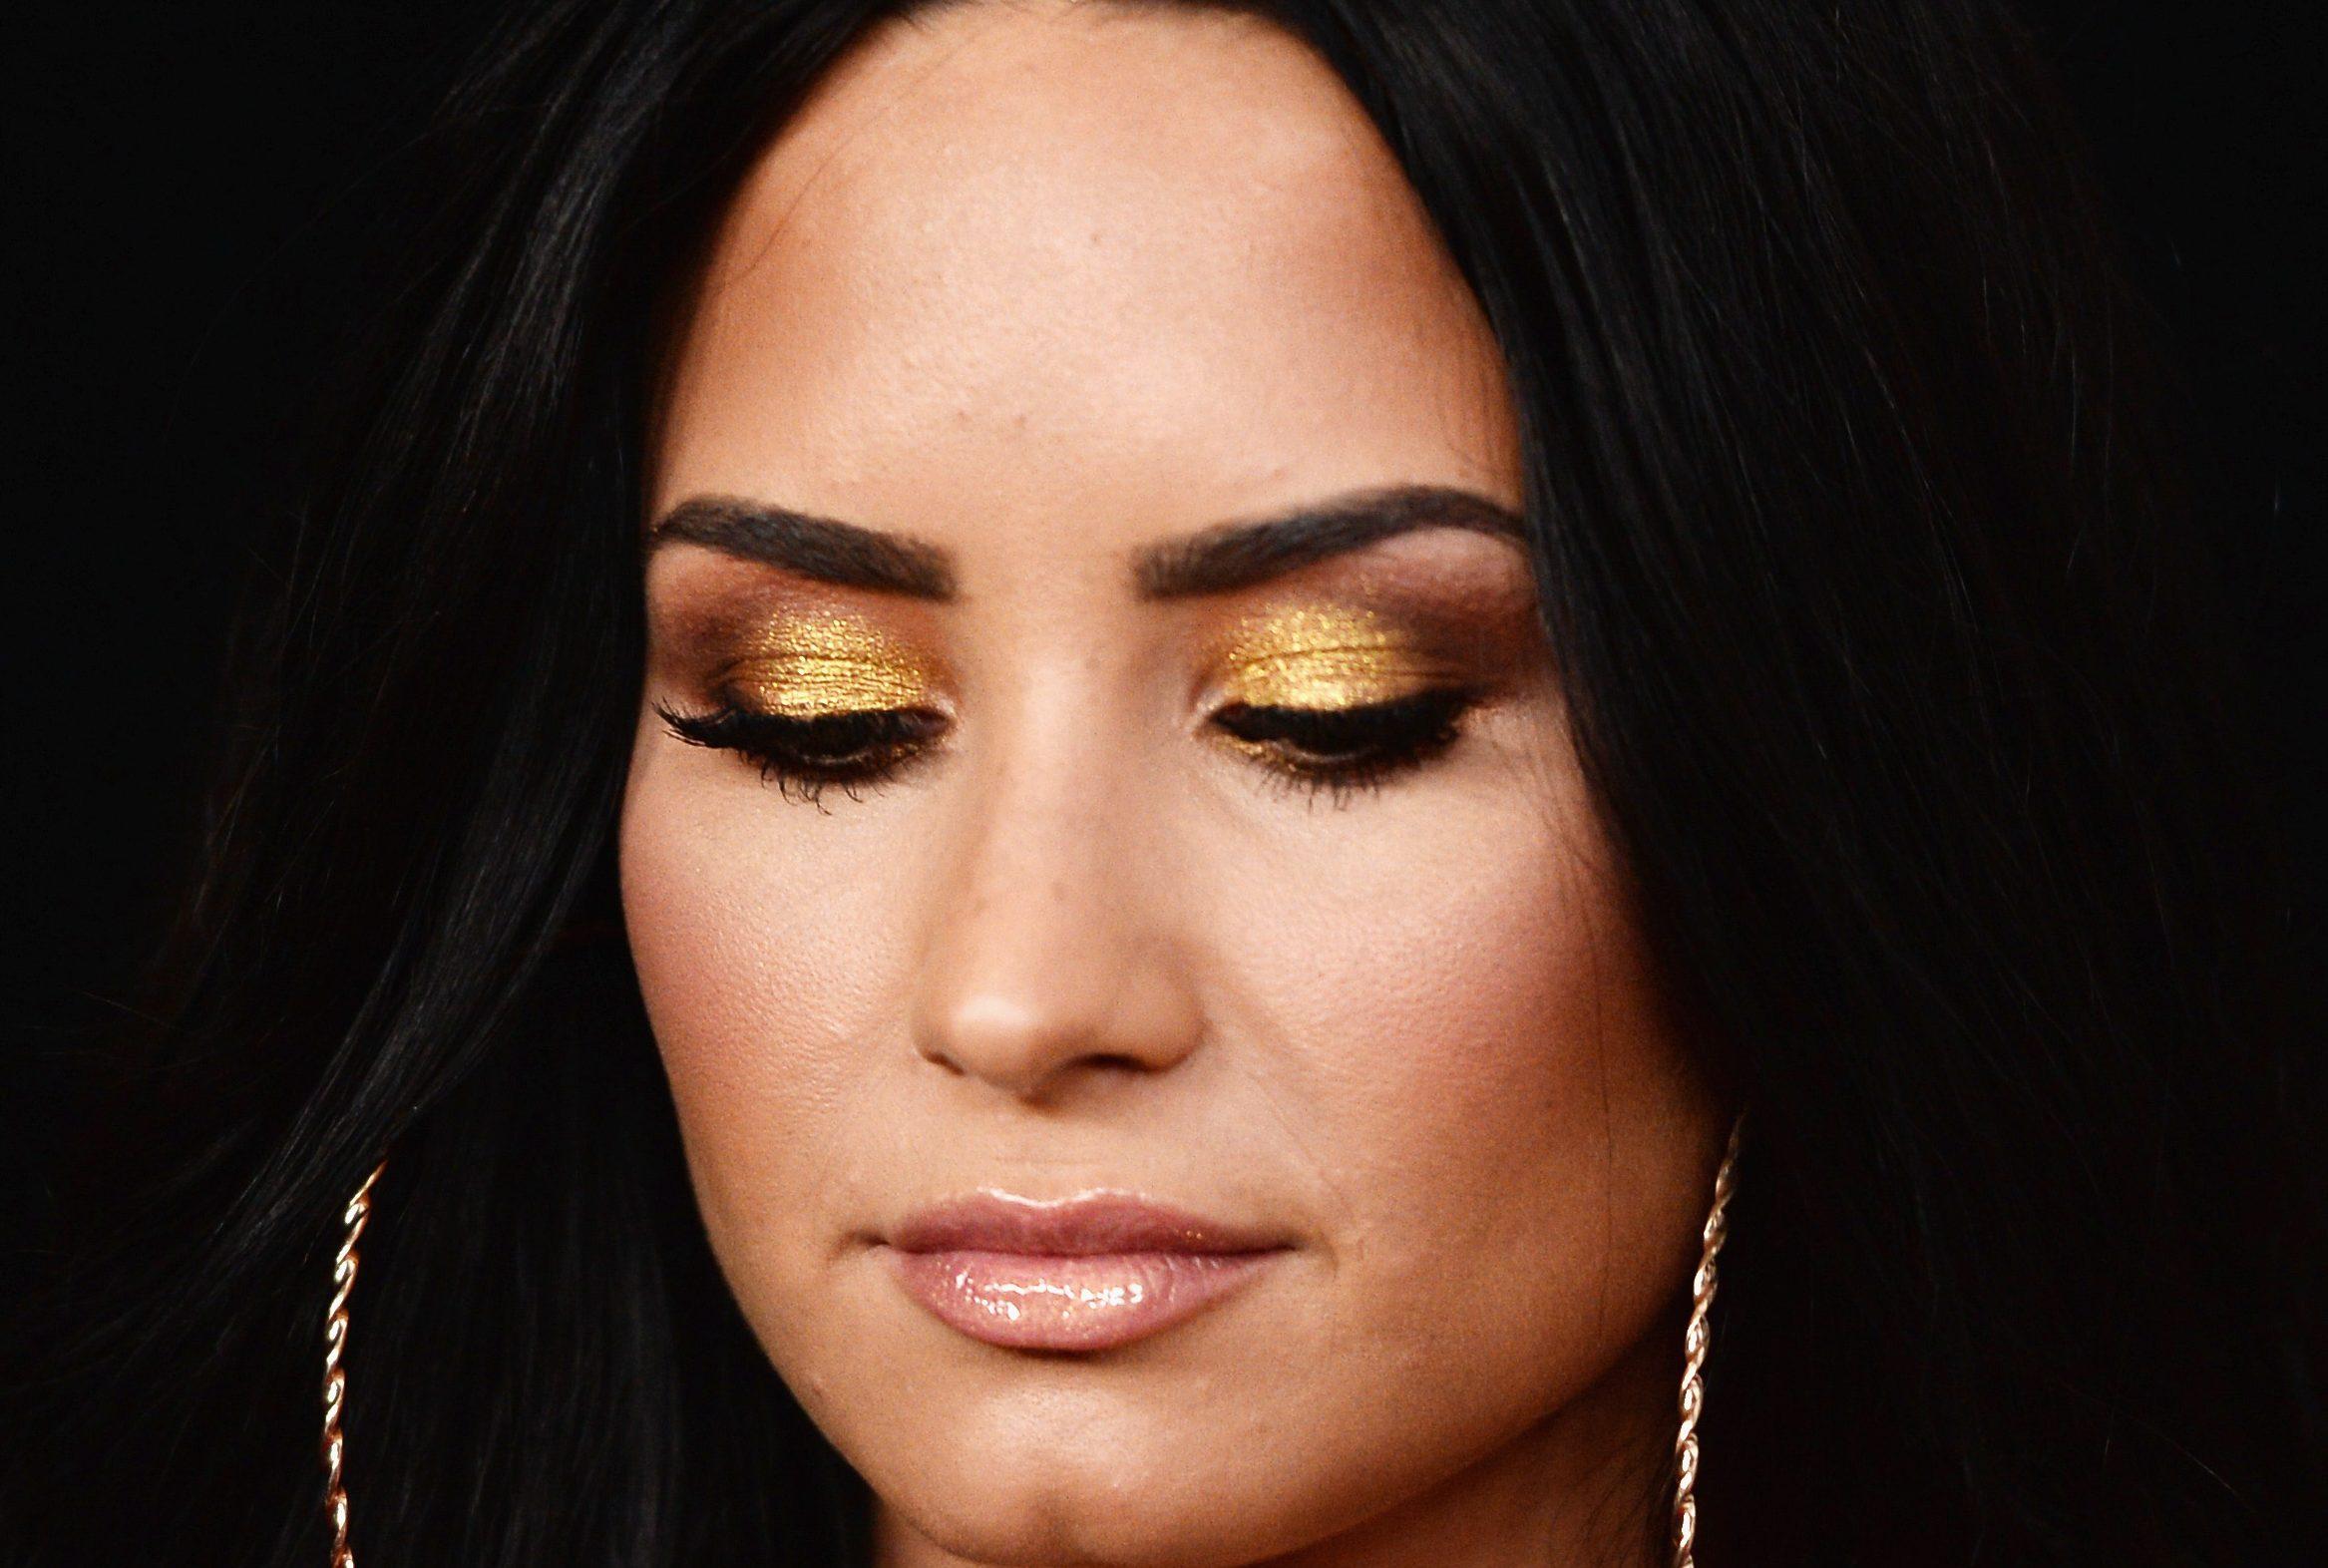 ¡Chile le dirá que la ama!: Demi Lovato anuncia datos para Latinoamérica de su nueva gira